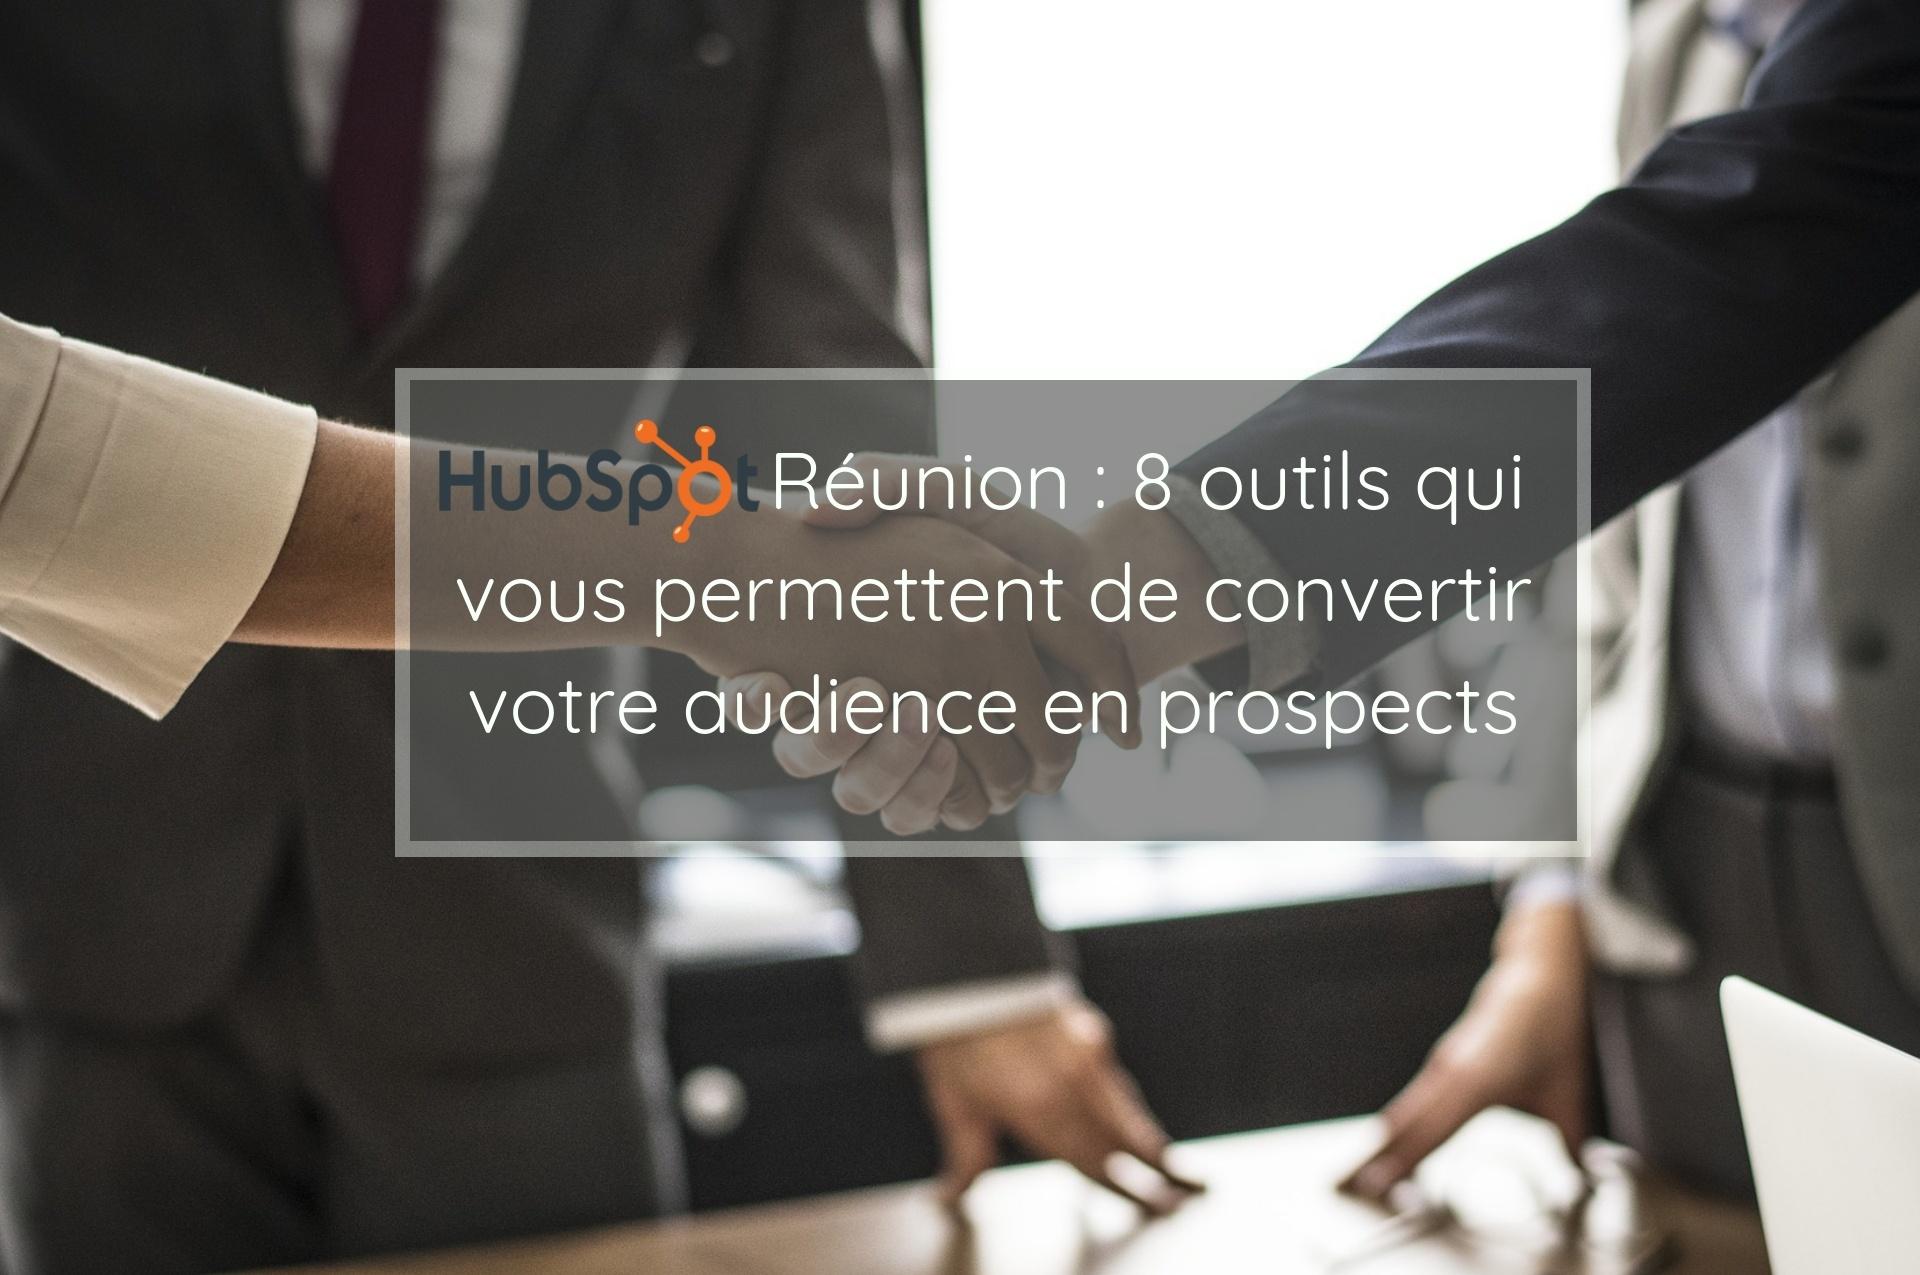 Hubspot Réunion : 8 outils qui vous permettent de convertir votre audience en prospects